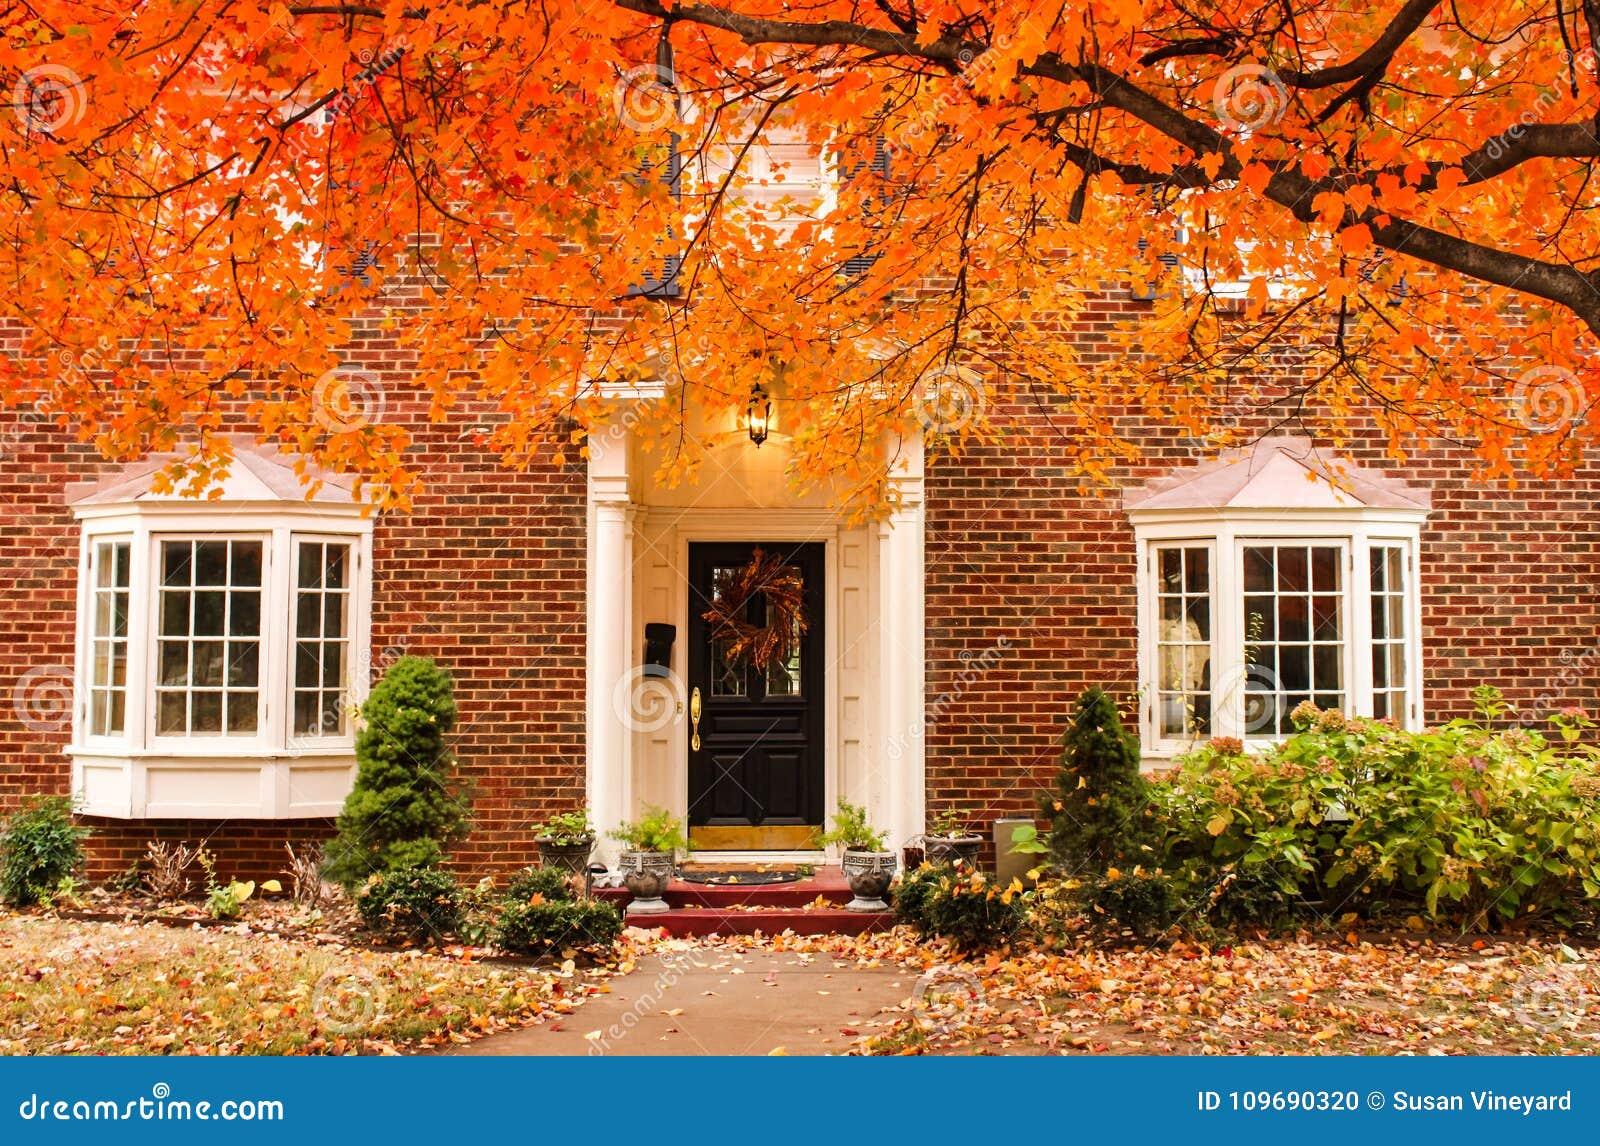 Entrada de la casa del ladrillo rojo con la guirnalda estacional en puerta y pórtico y ventanas saledizas el día del otoño con la